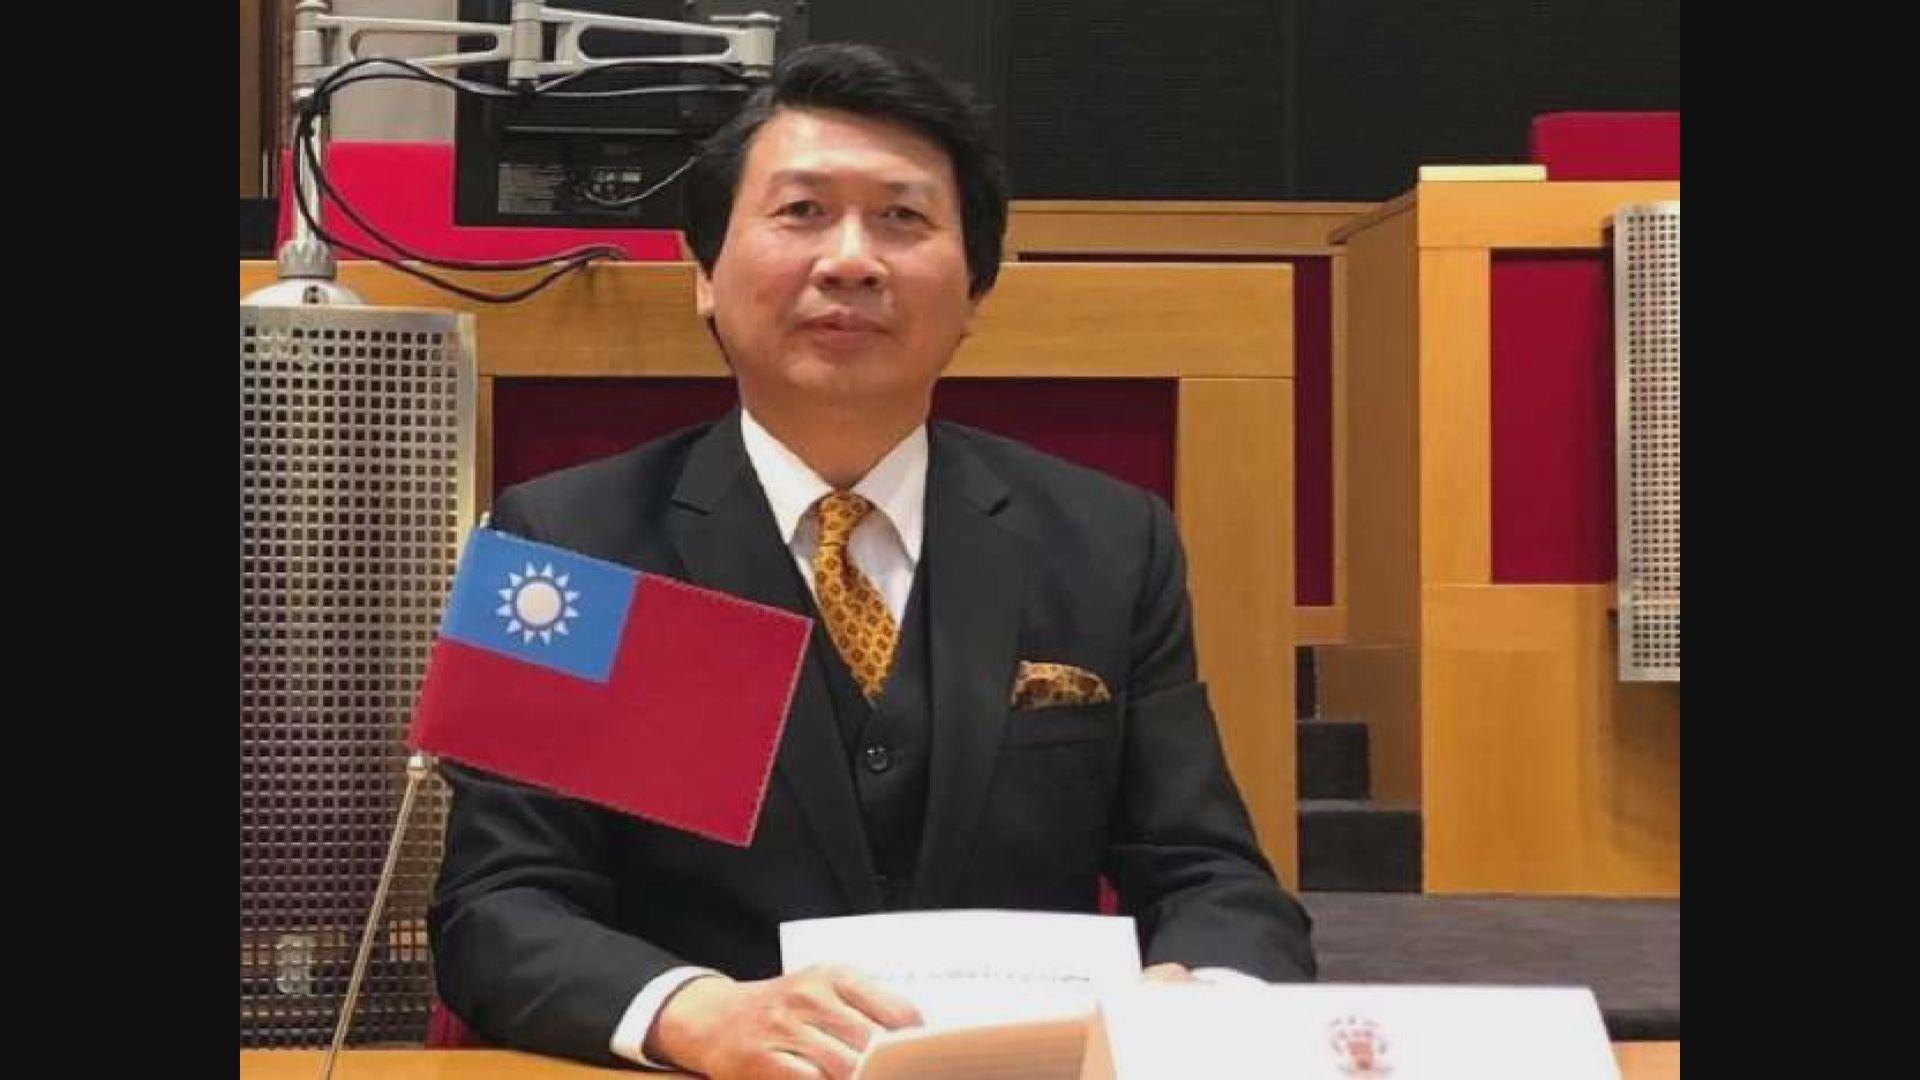 台灣批評大陸公然施壓行徑蠻橫霸道